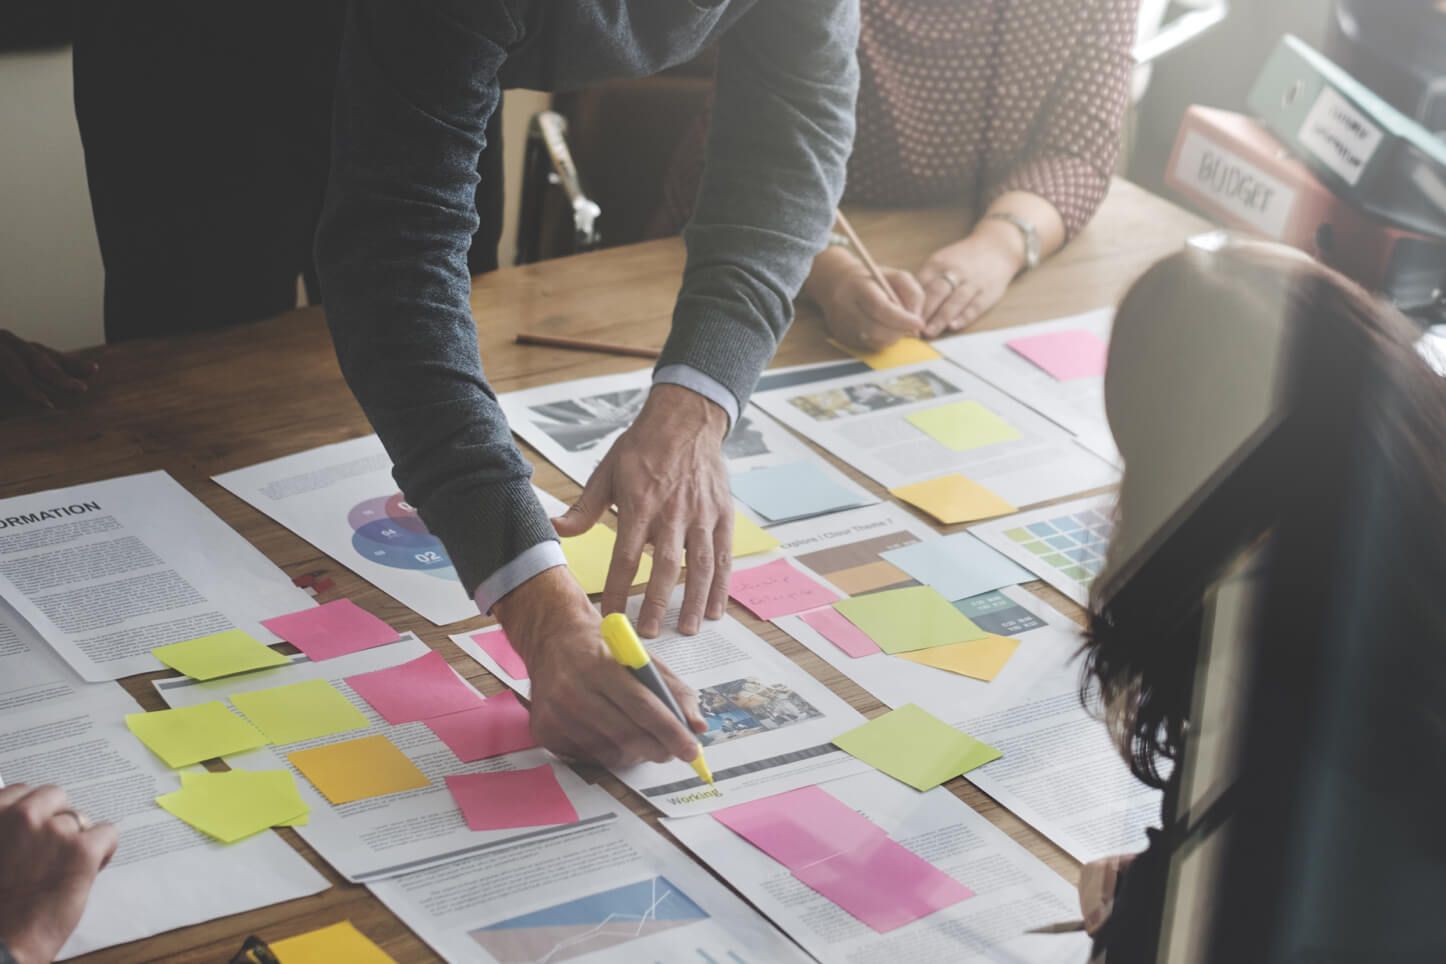 Consultoría de negocios - Recomendaciones estratégicas